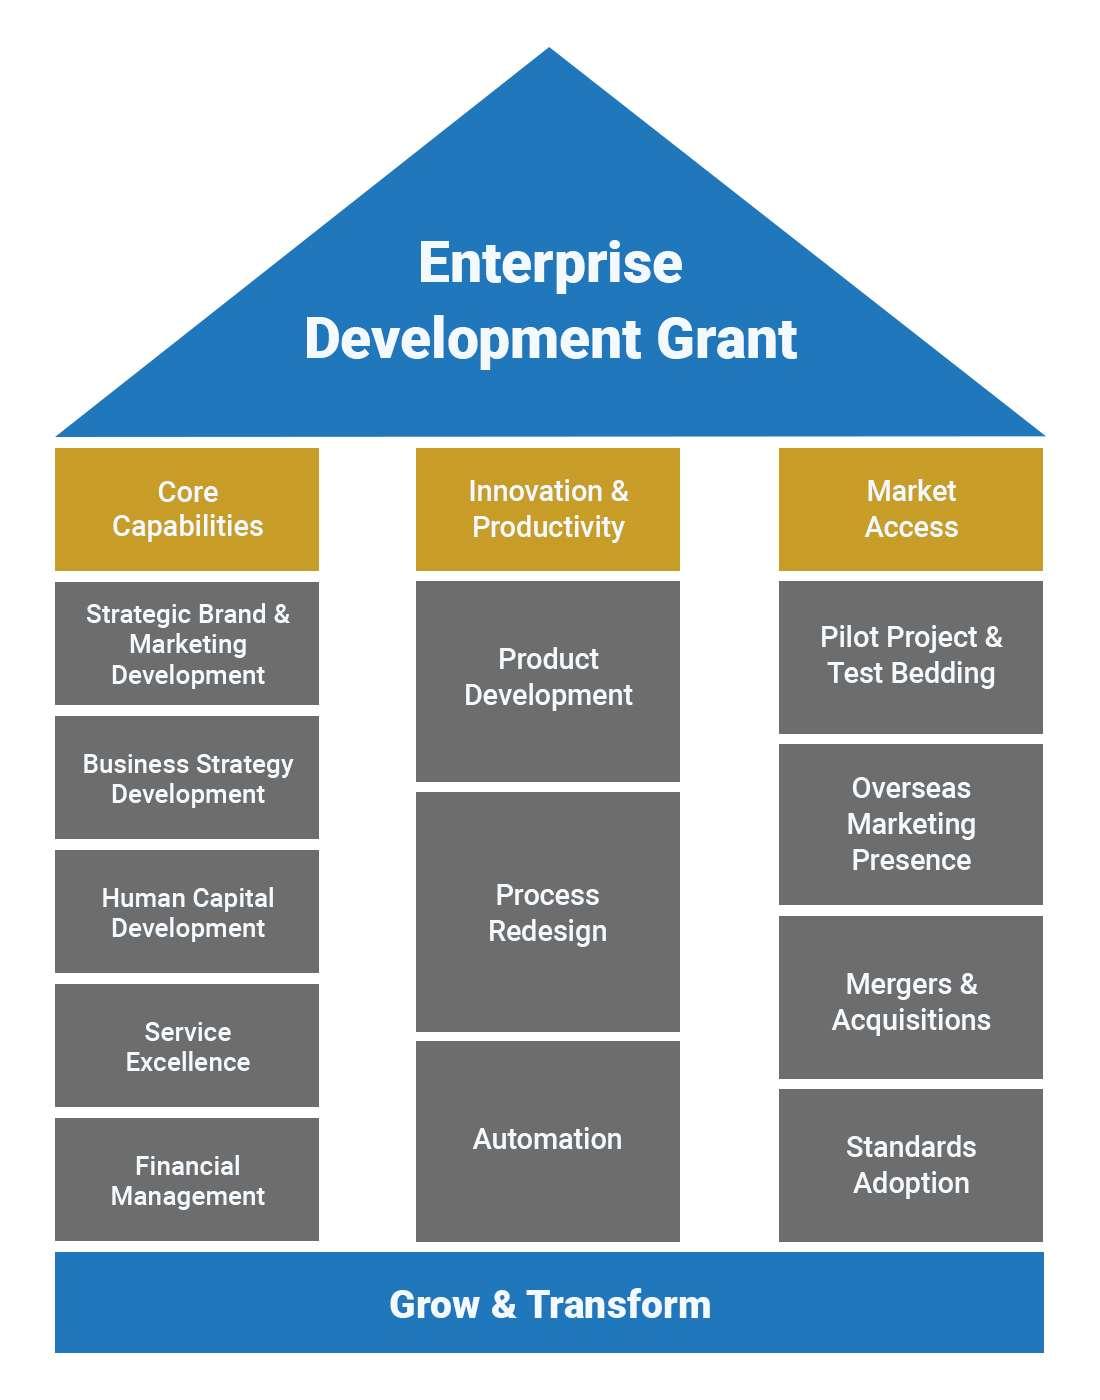 Enterprise Development Grant (EDG)